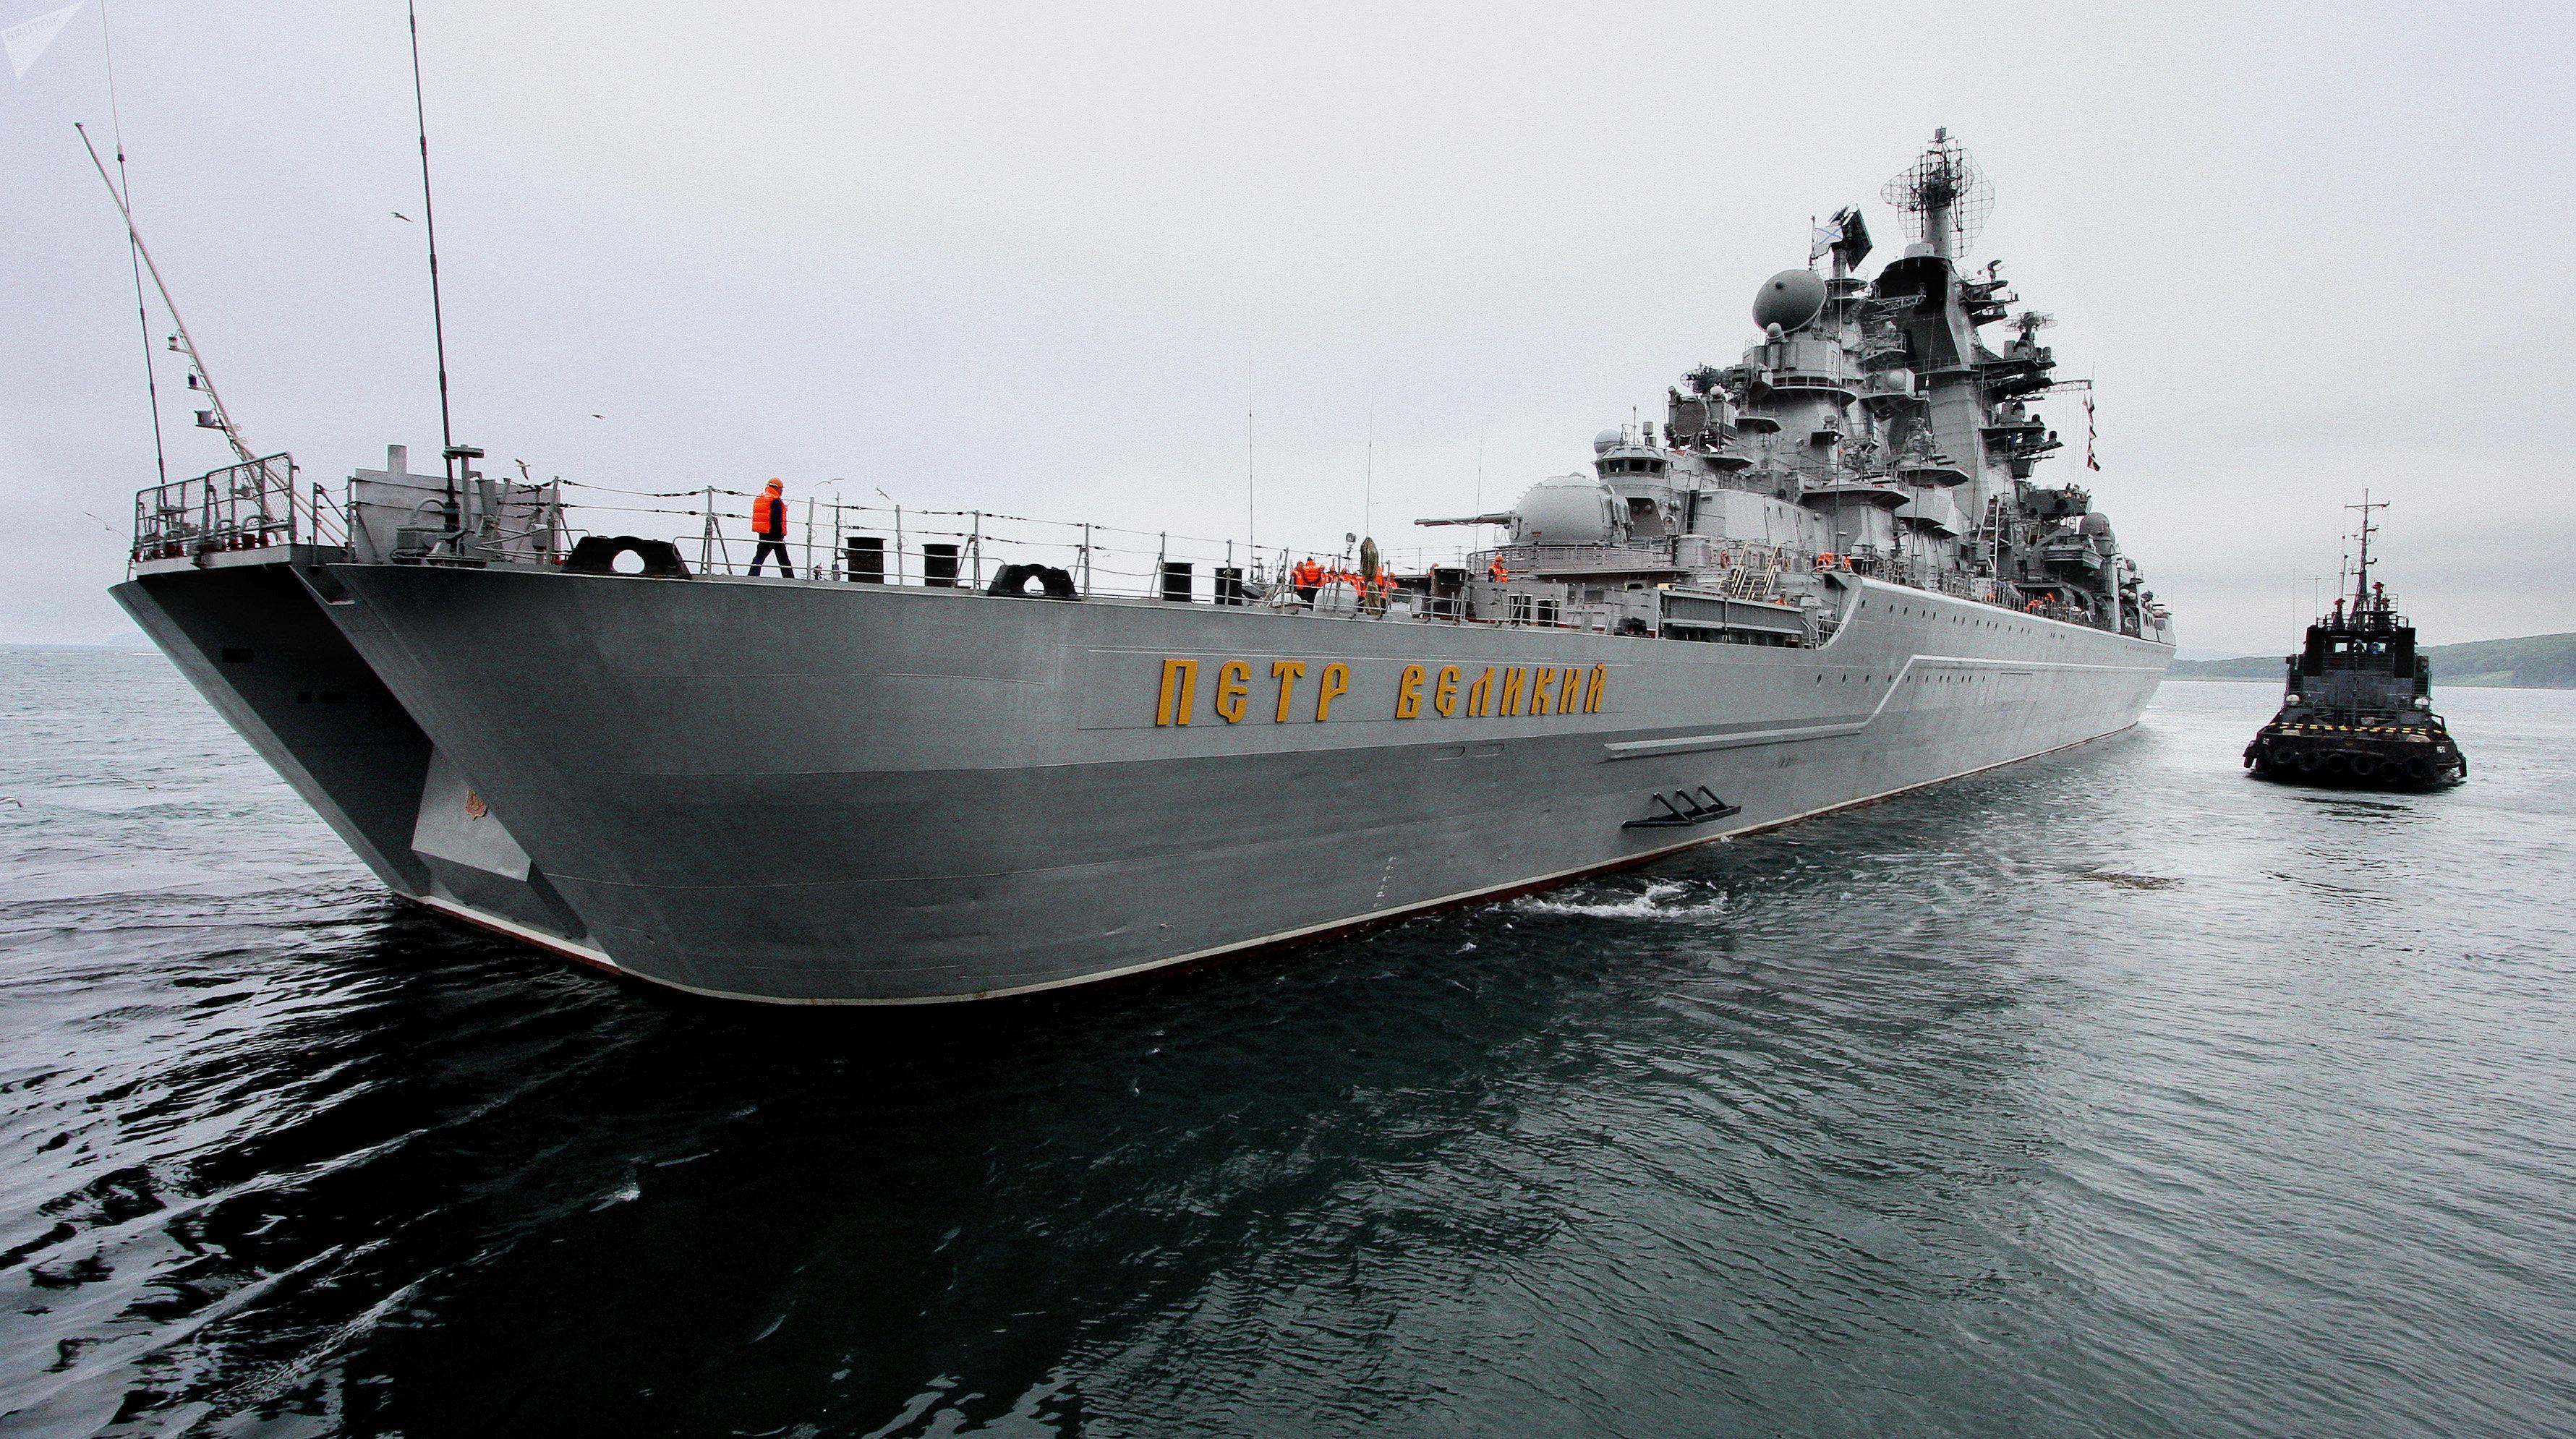 Le croiseur nucléaire lance-missiles Pierre le Grand (Petr Veliki)